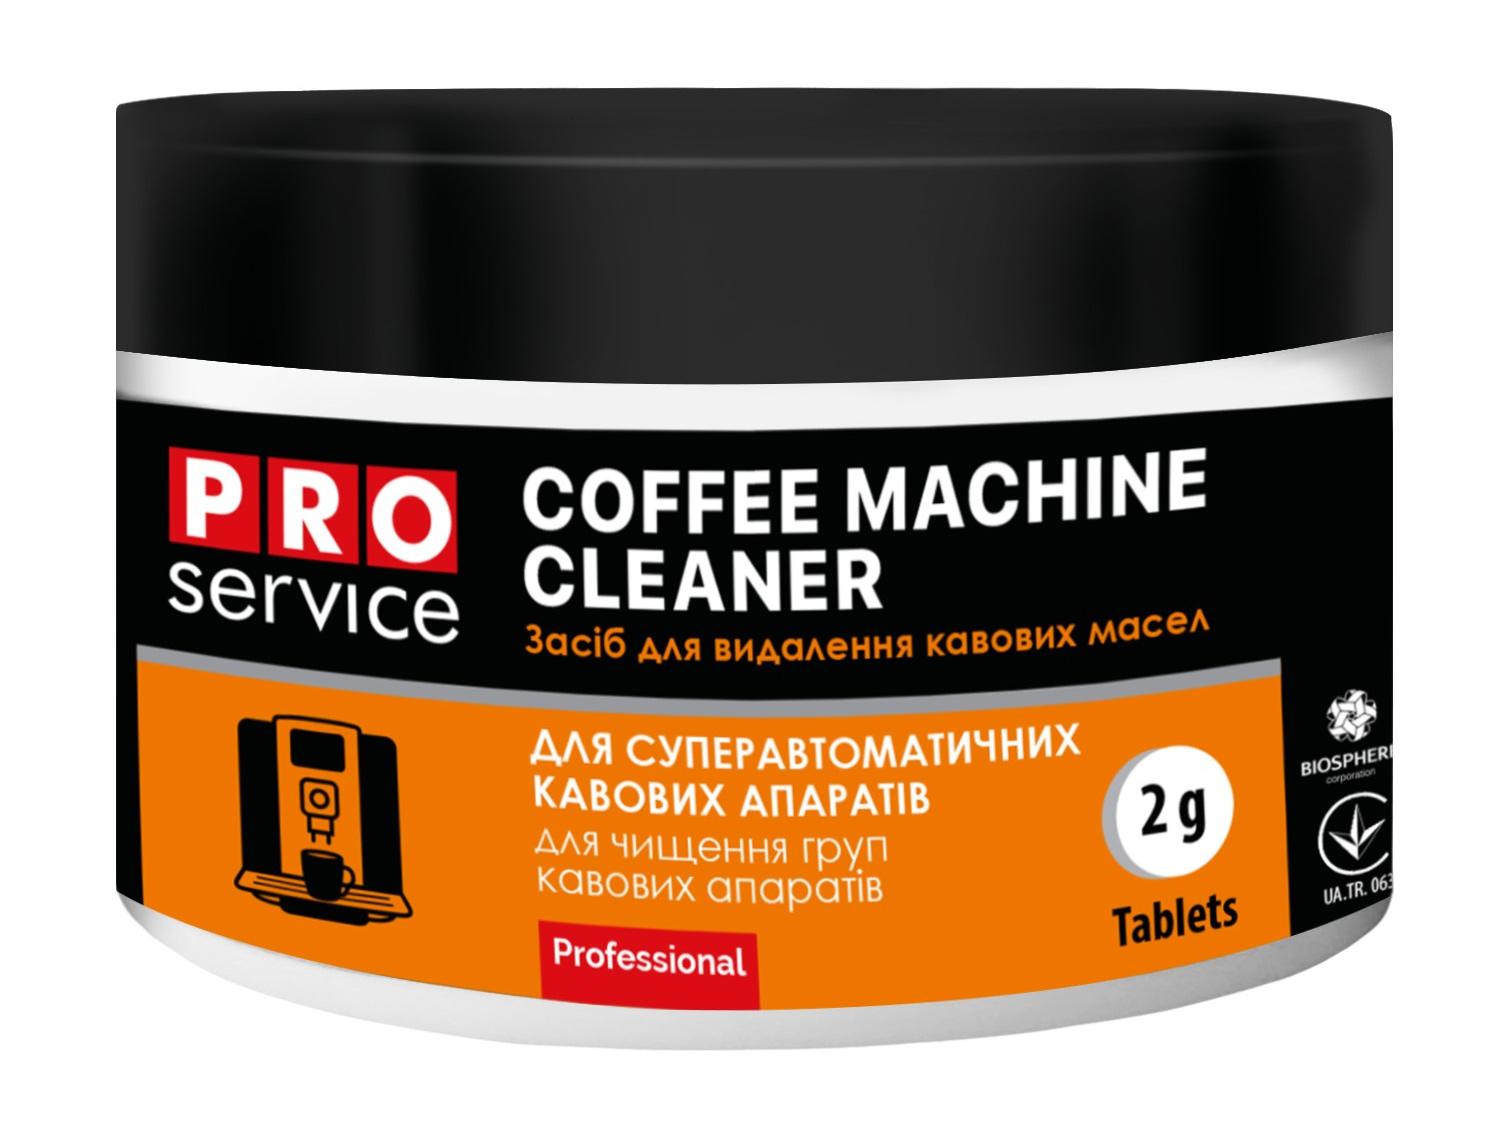 Средство для мытья и удаления кофейных масел в кофемашине 100шт./уп. таблетки PROservice - фото 1